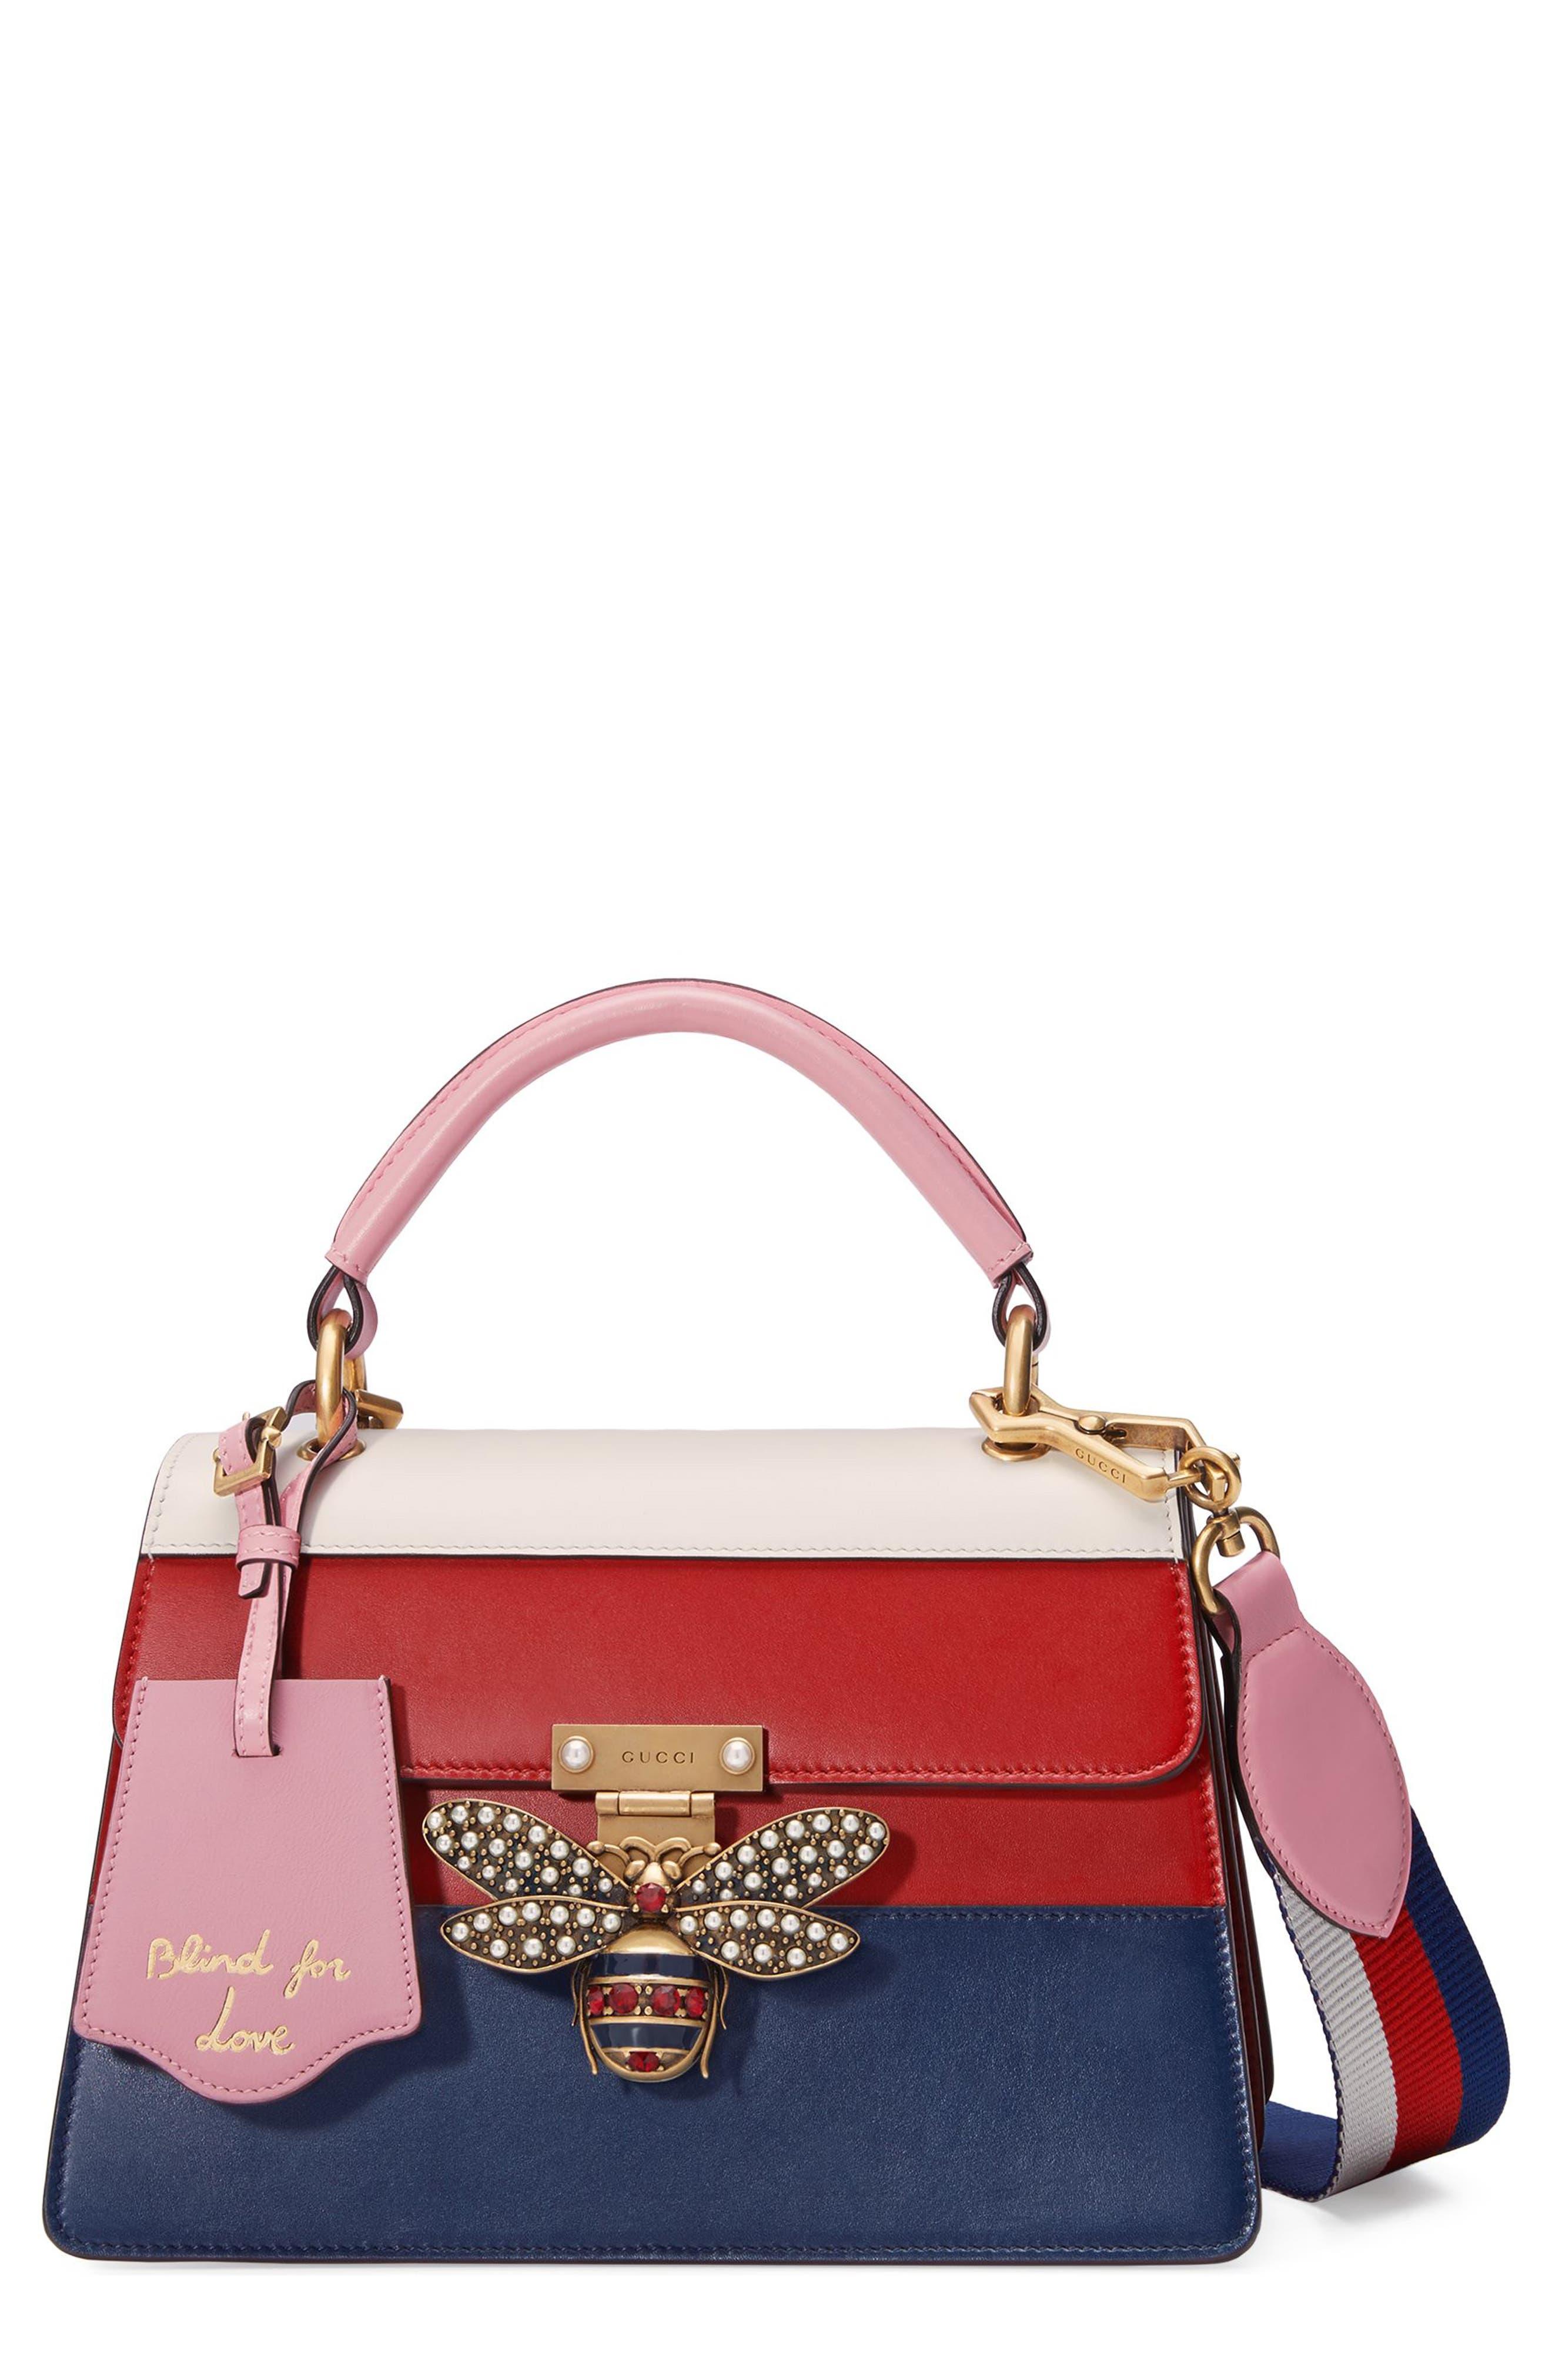 Main Image - Gucci Queen Margaret Top Handle Leather Satchel